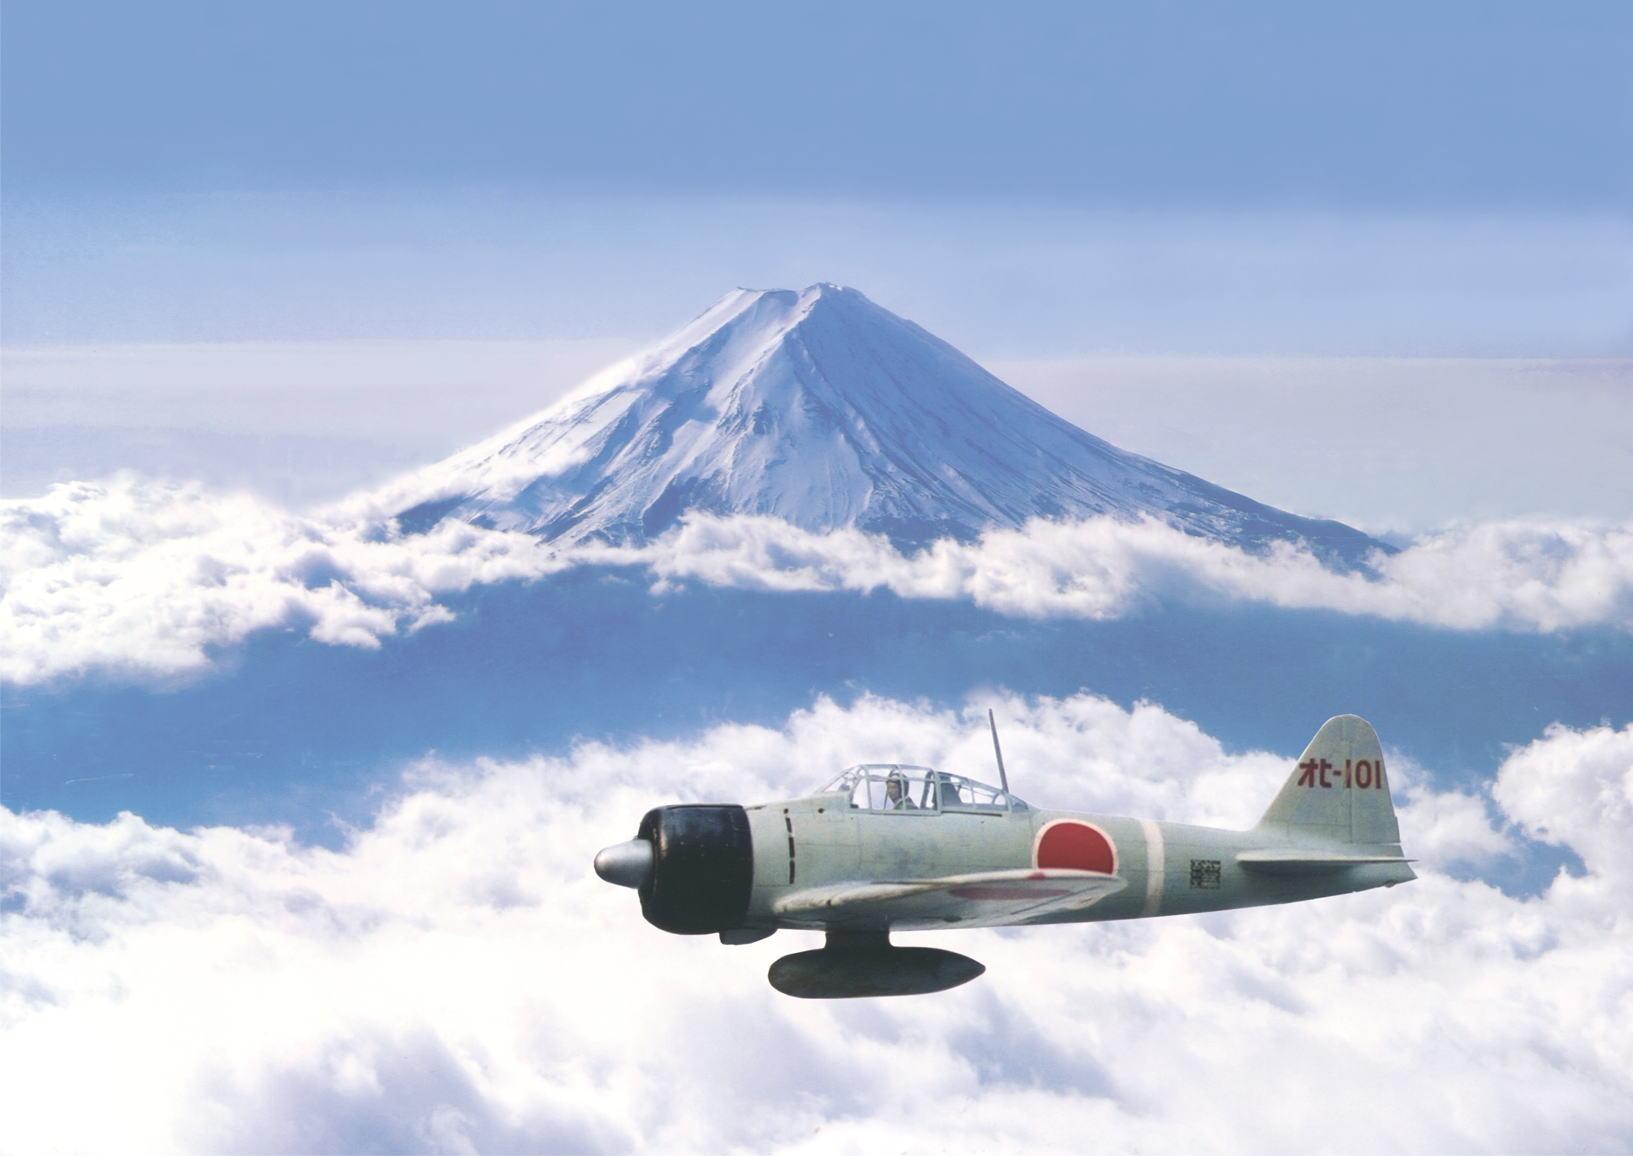 ... 航空機カレンダー /;西川喬昭